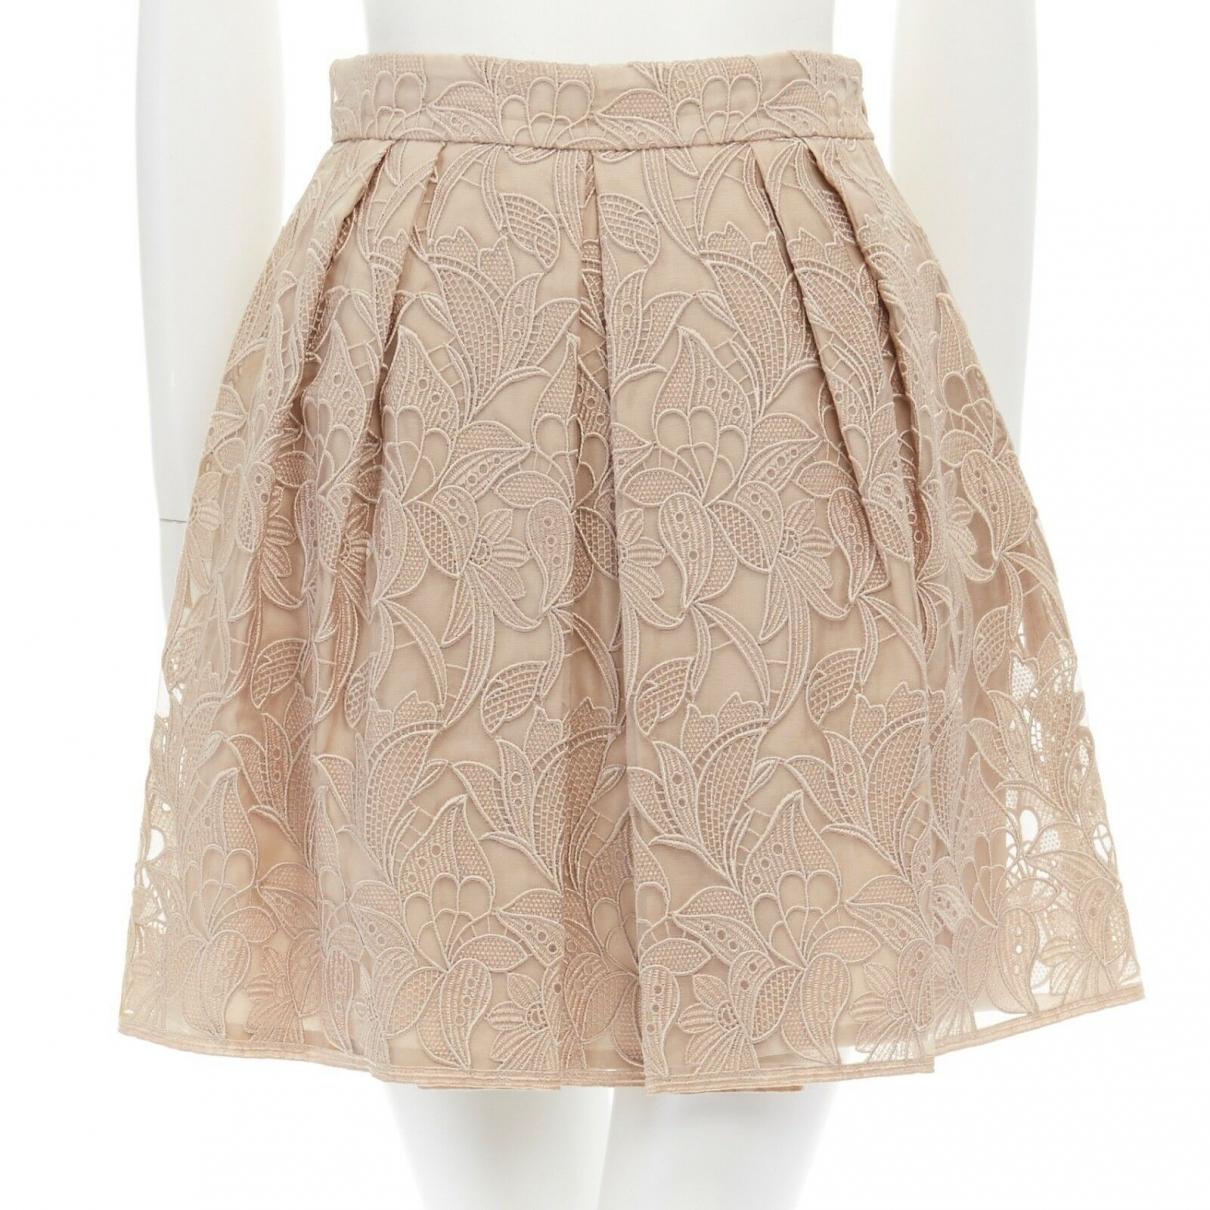 Stella Mccartney \N Beige skirt for Women 38 IT